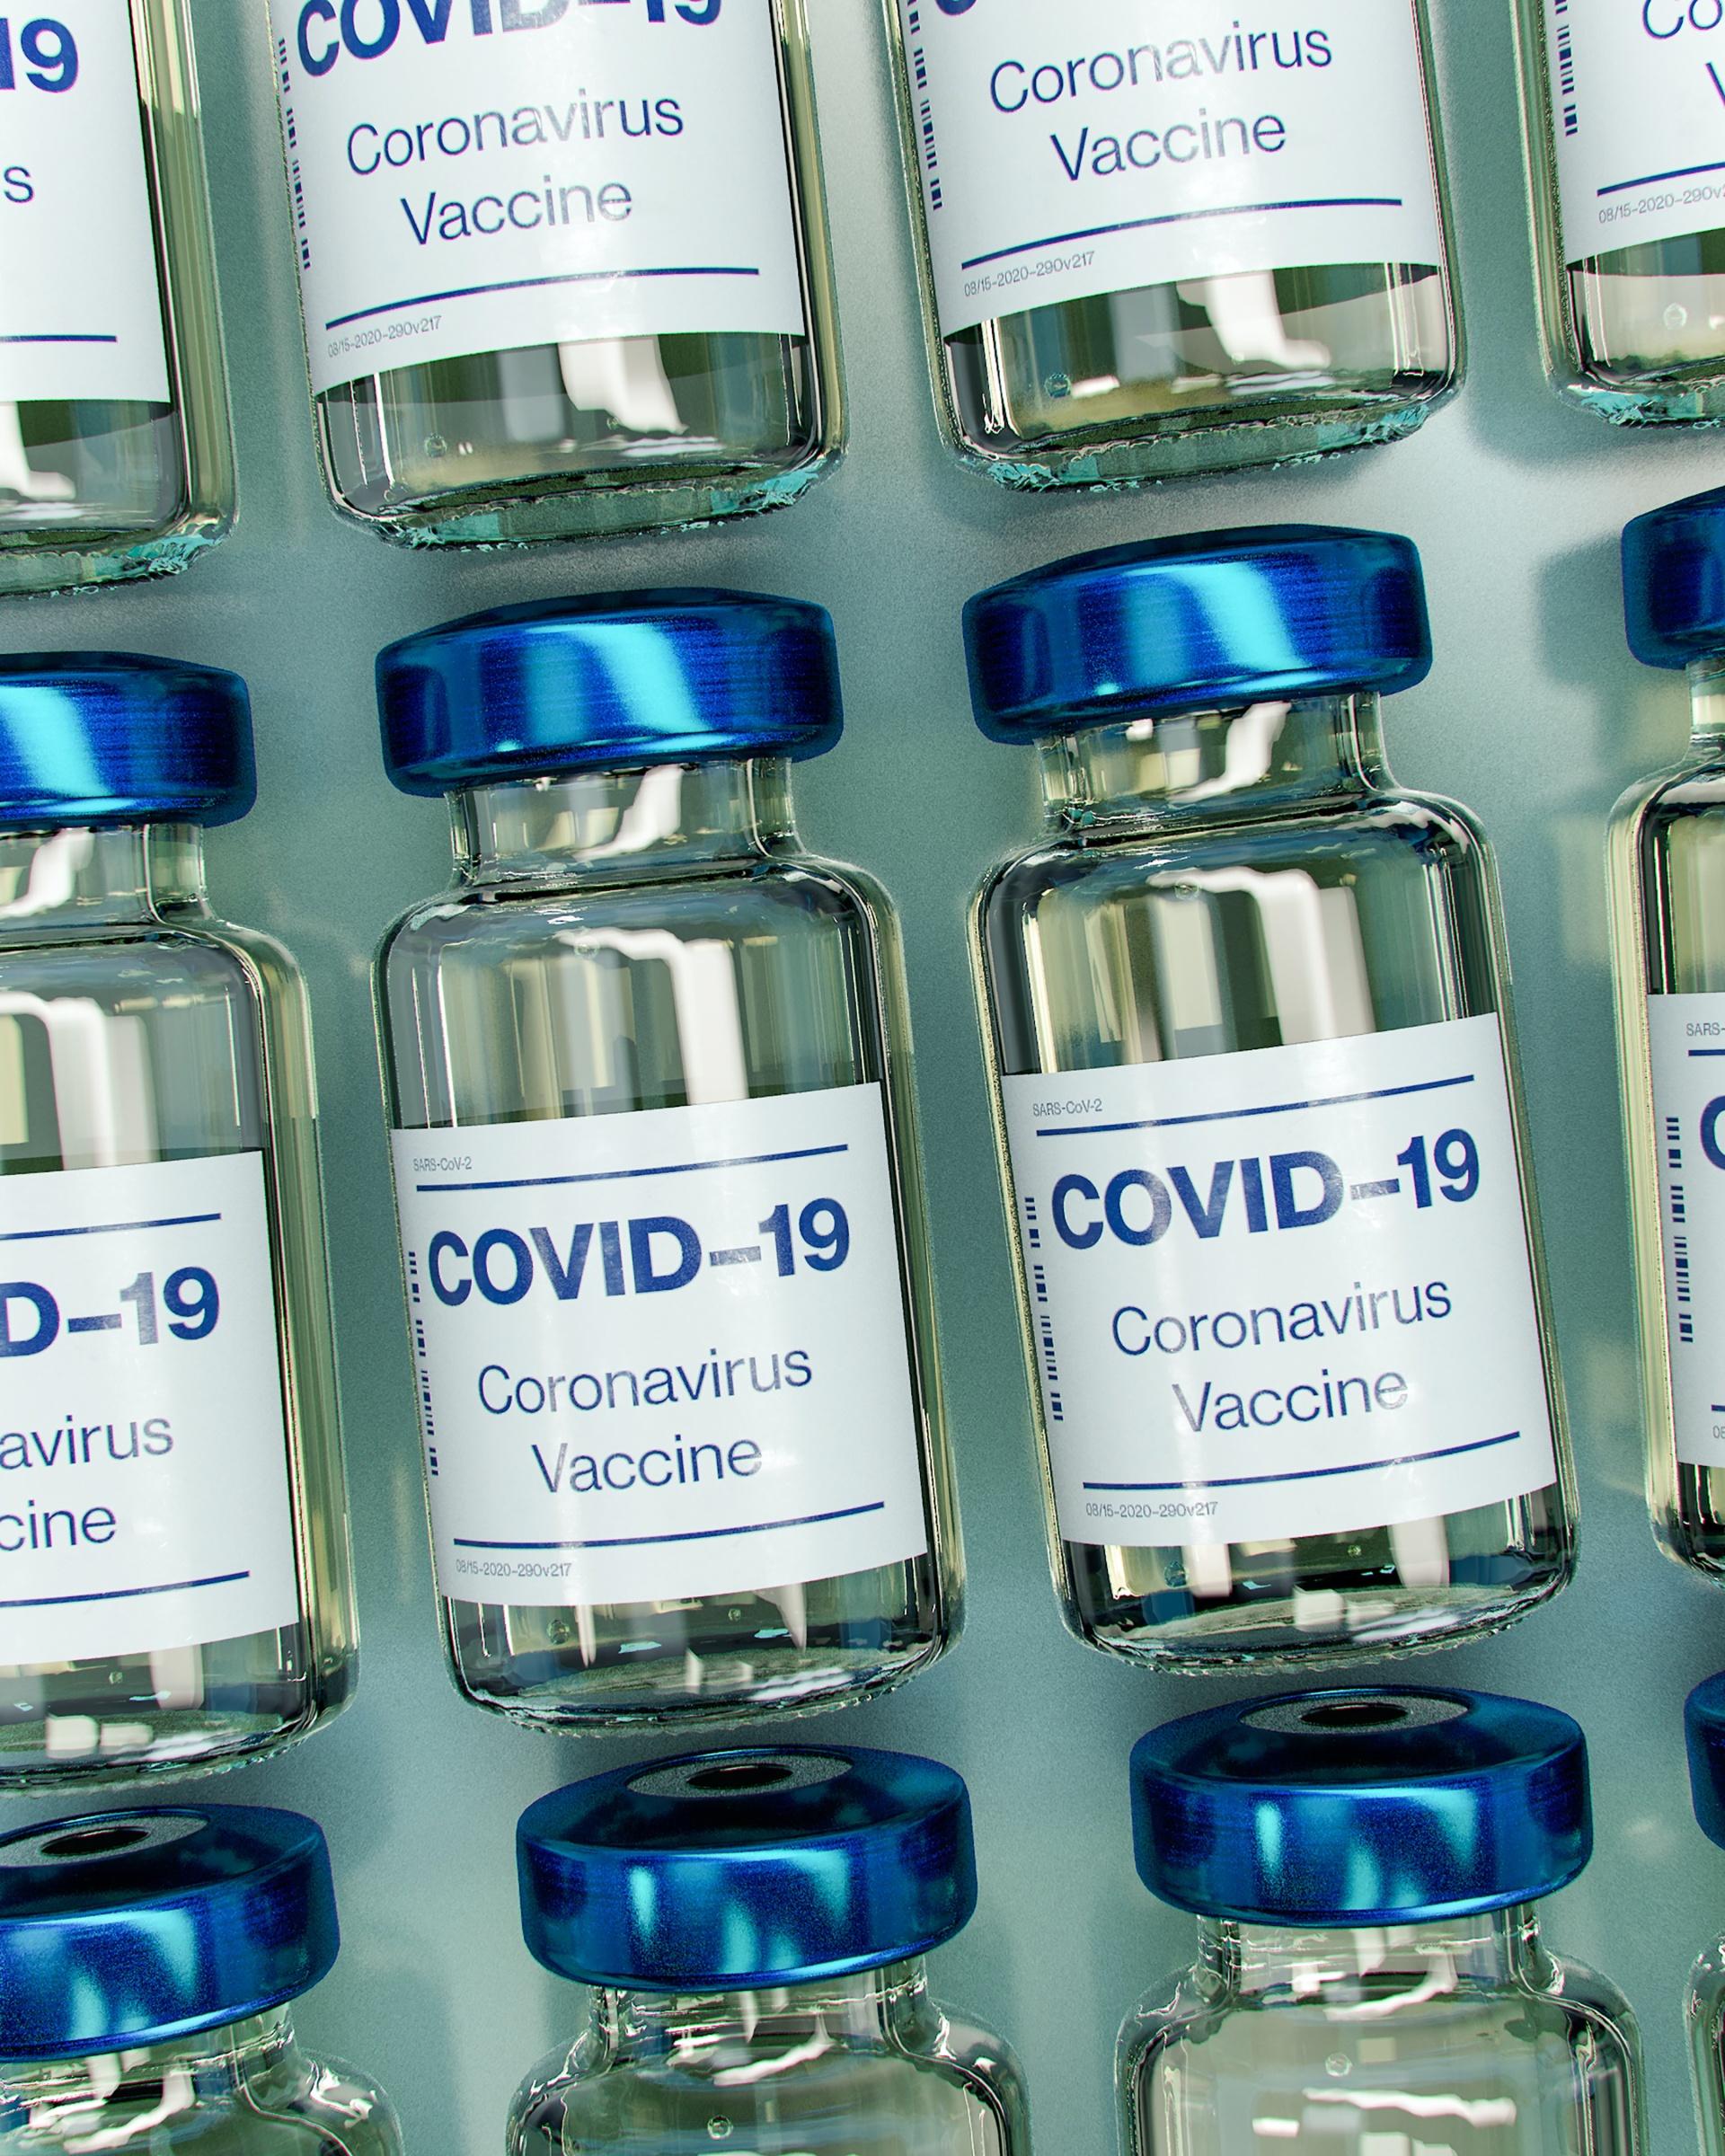 É possível exigir dos colaboradores a vacinação contra a COVID-19?